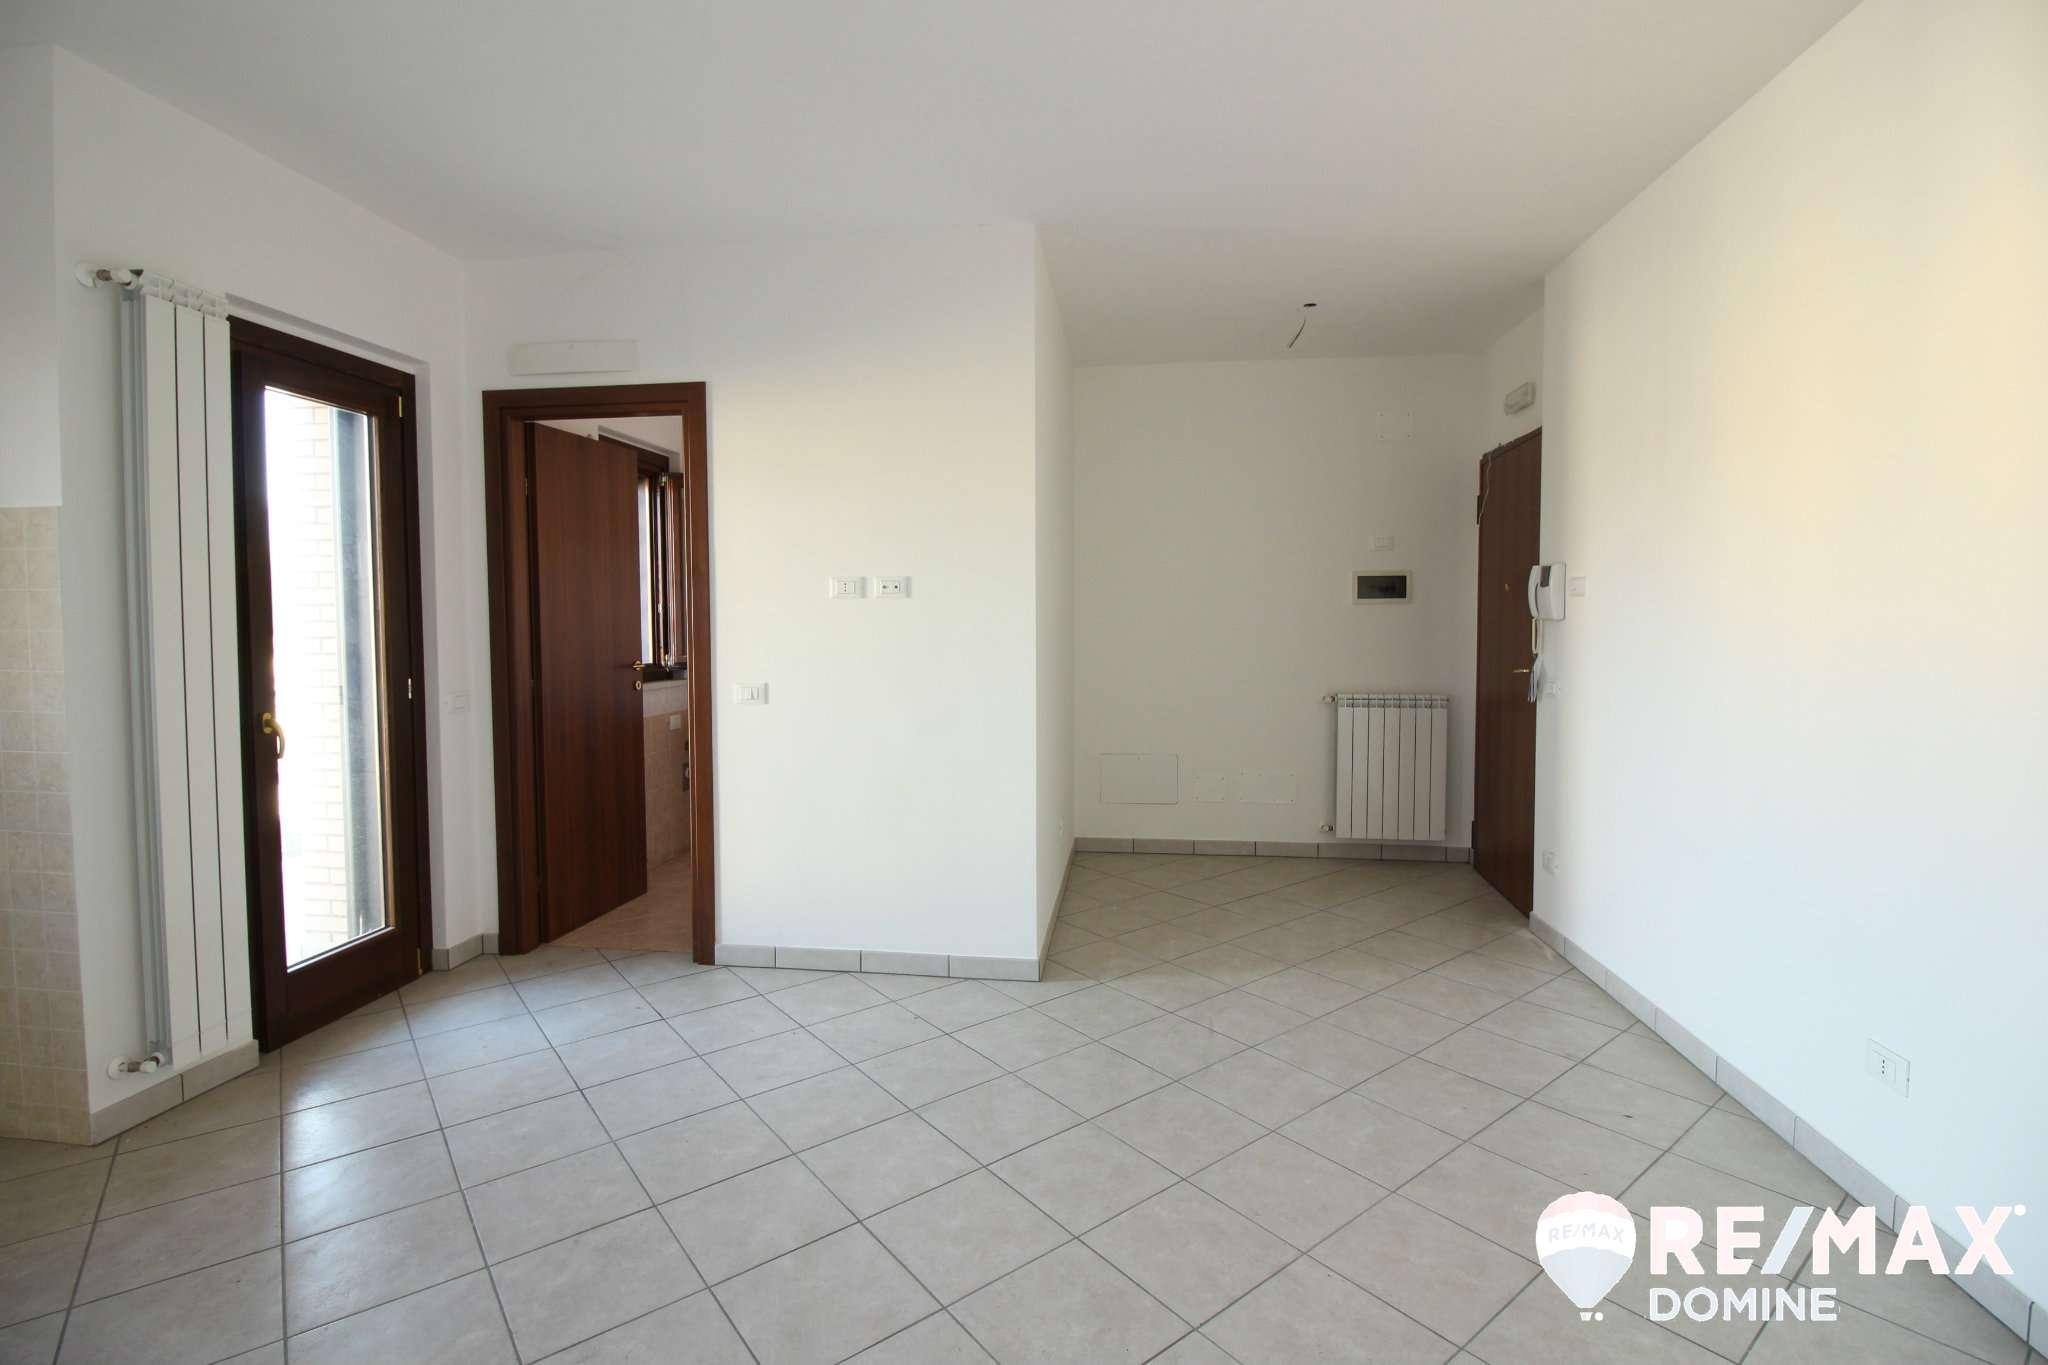 Appartamento in vendita a Tivoli, 1 locali, prezzo € 69.000 | CambioCasa.it